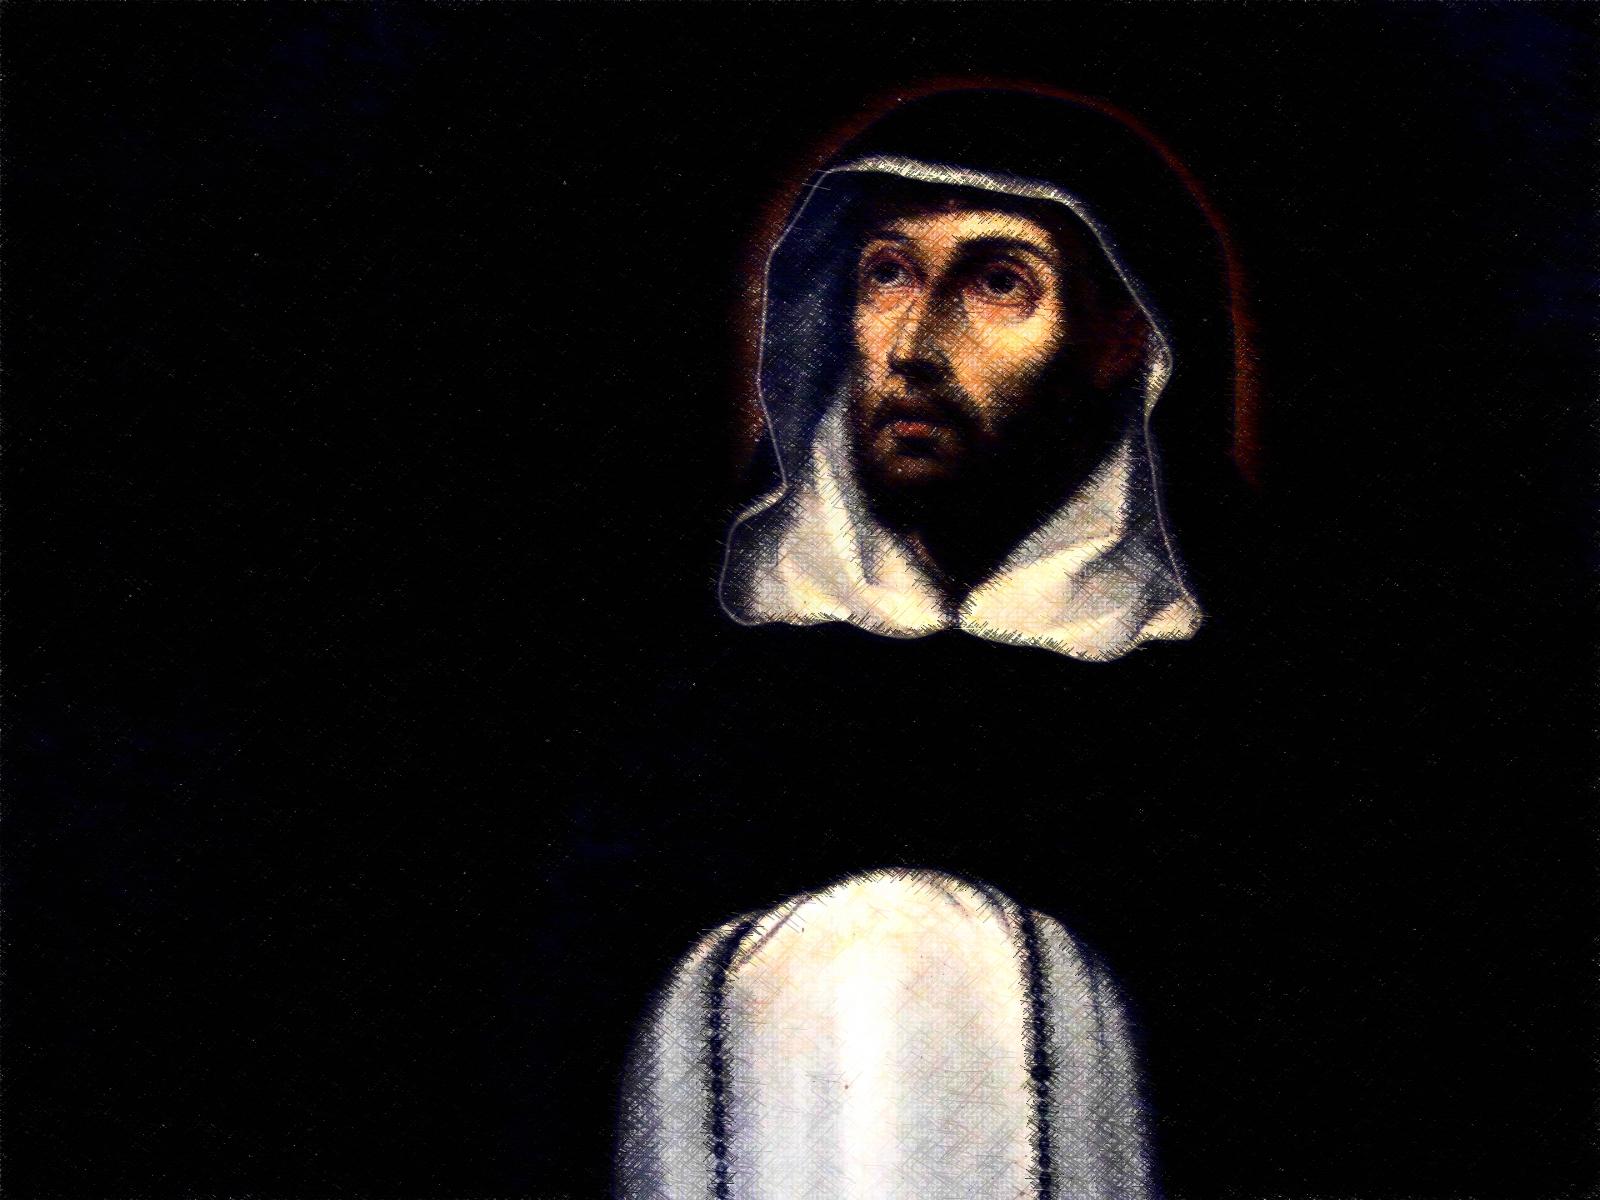 ¿Quieres Orar como un Santo? Estas son las 9 Formas de Orar de Santo Domingo